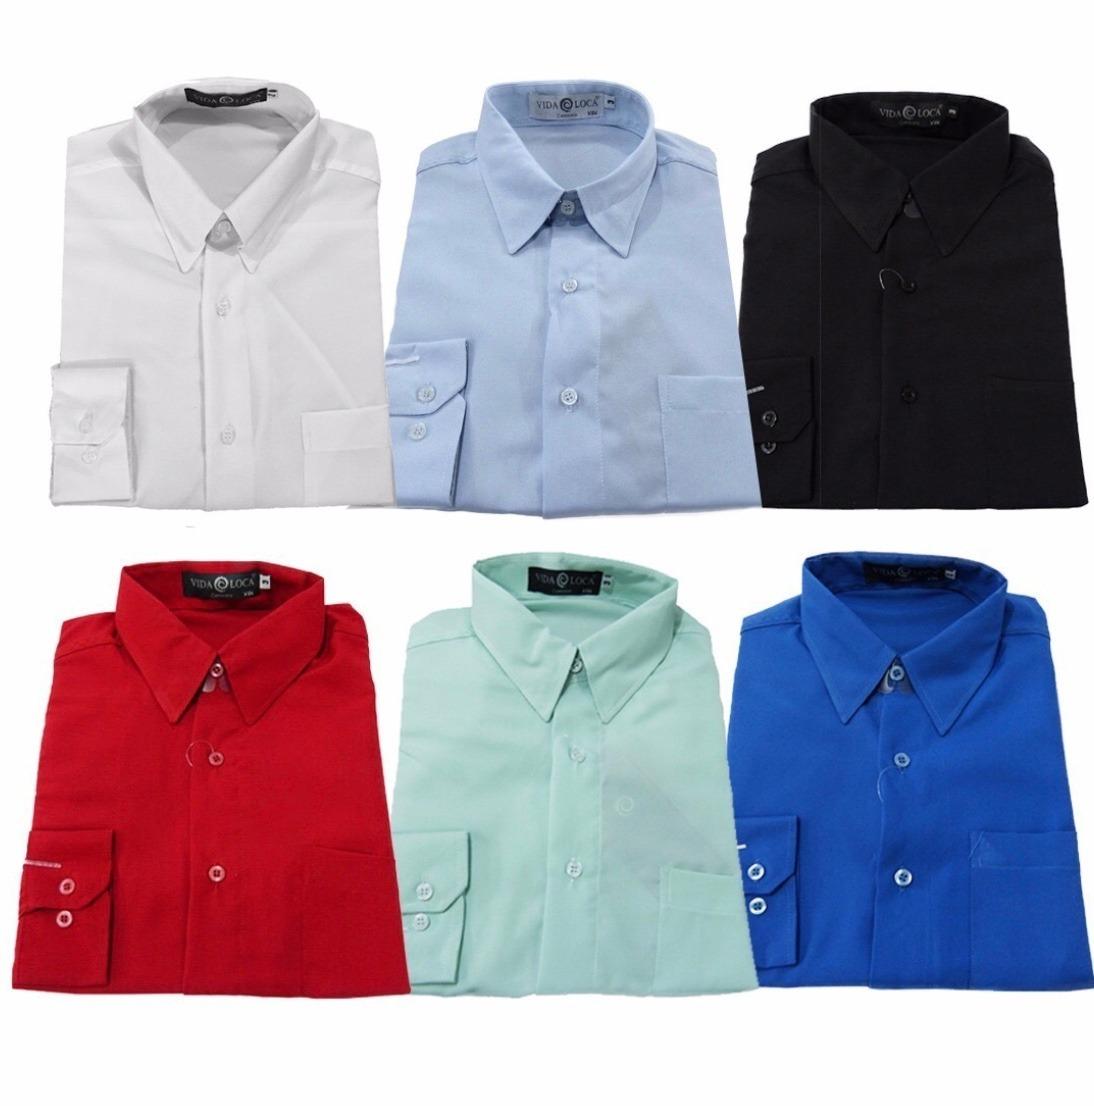 9c3ab4e950 camisa social masculina extra grande plus size tamanho 6 7 8. Carregando  zoom.